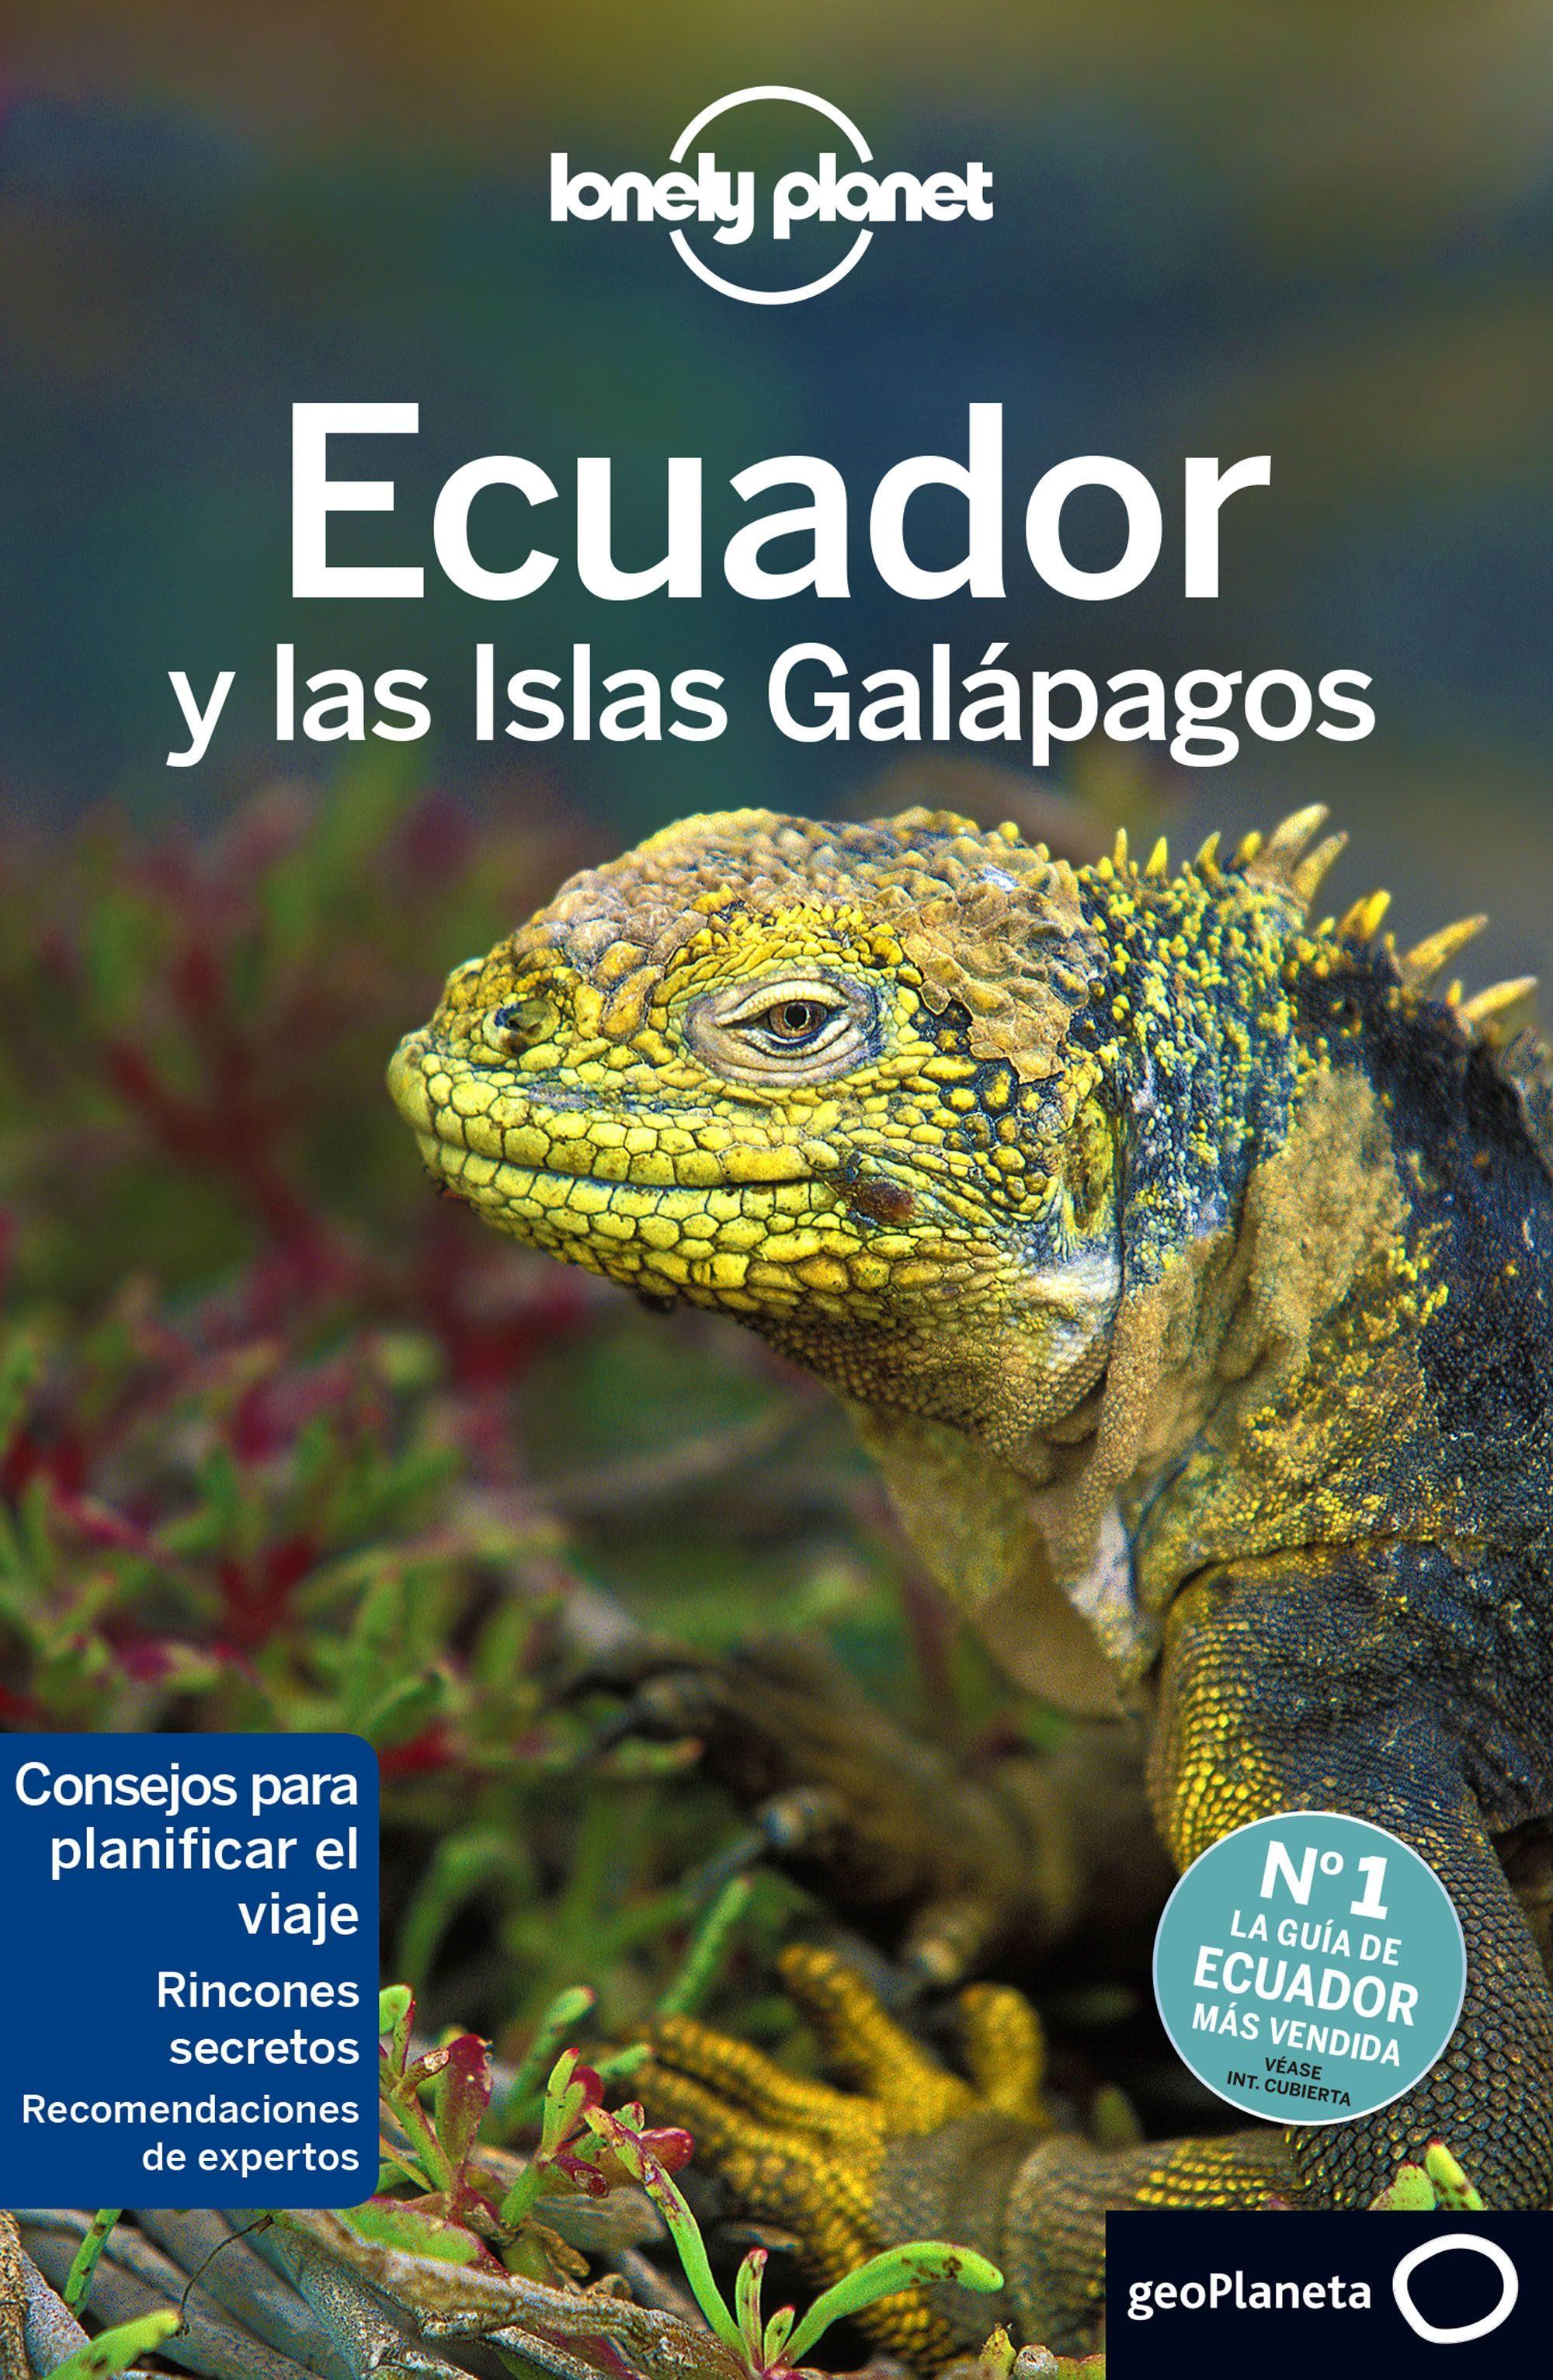 Ecuador Y Las Islas Galapagos (6ª Ed.) (lonely Planet) por Regis St. Louis